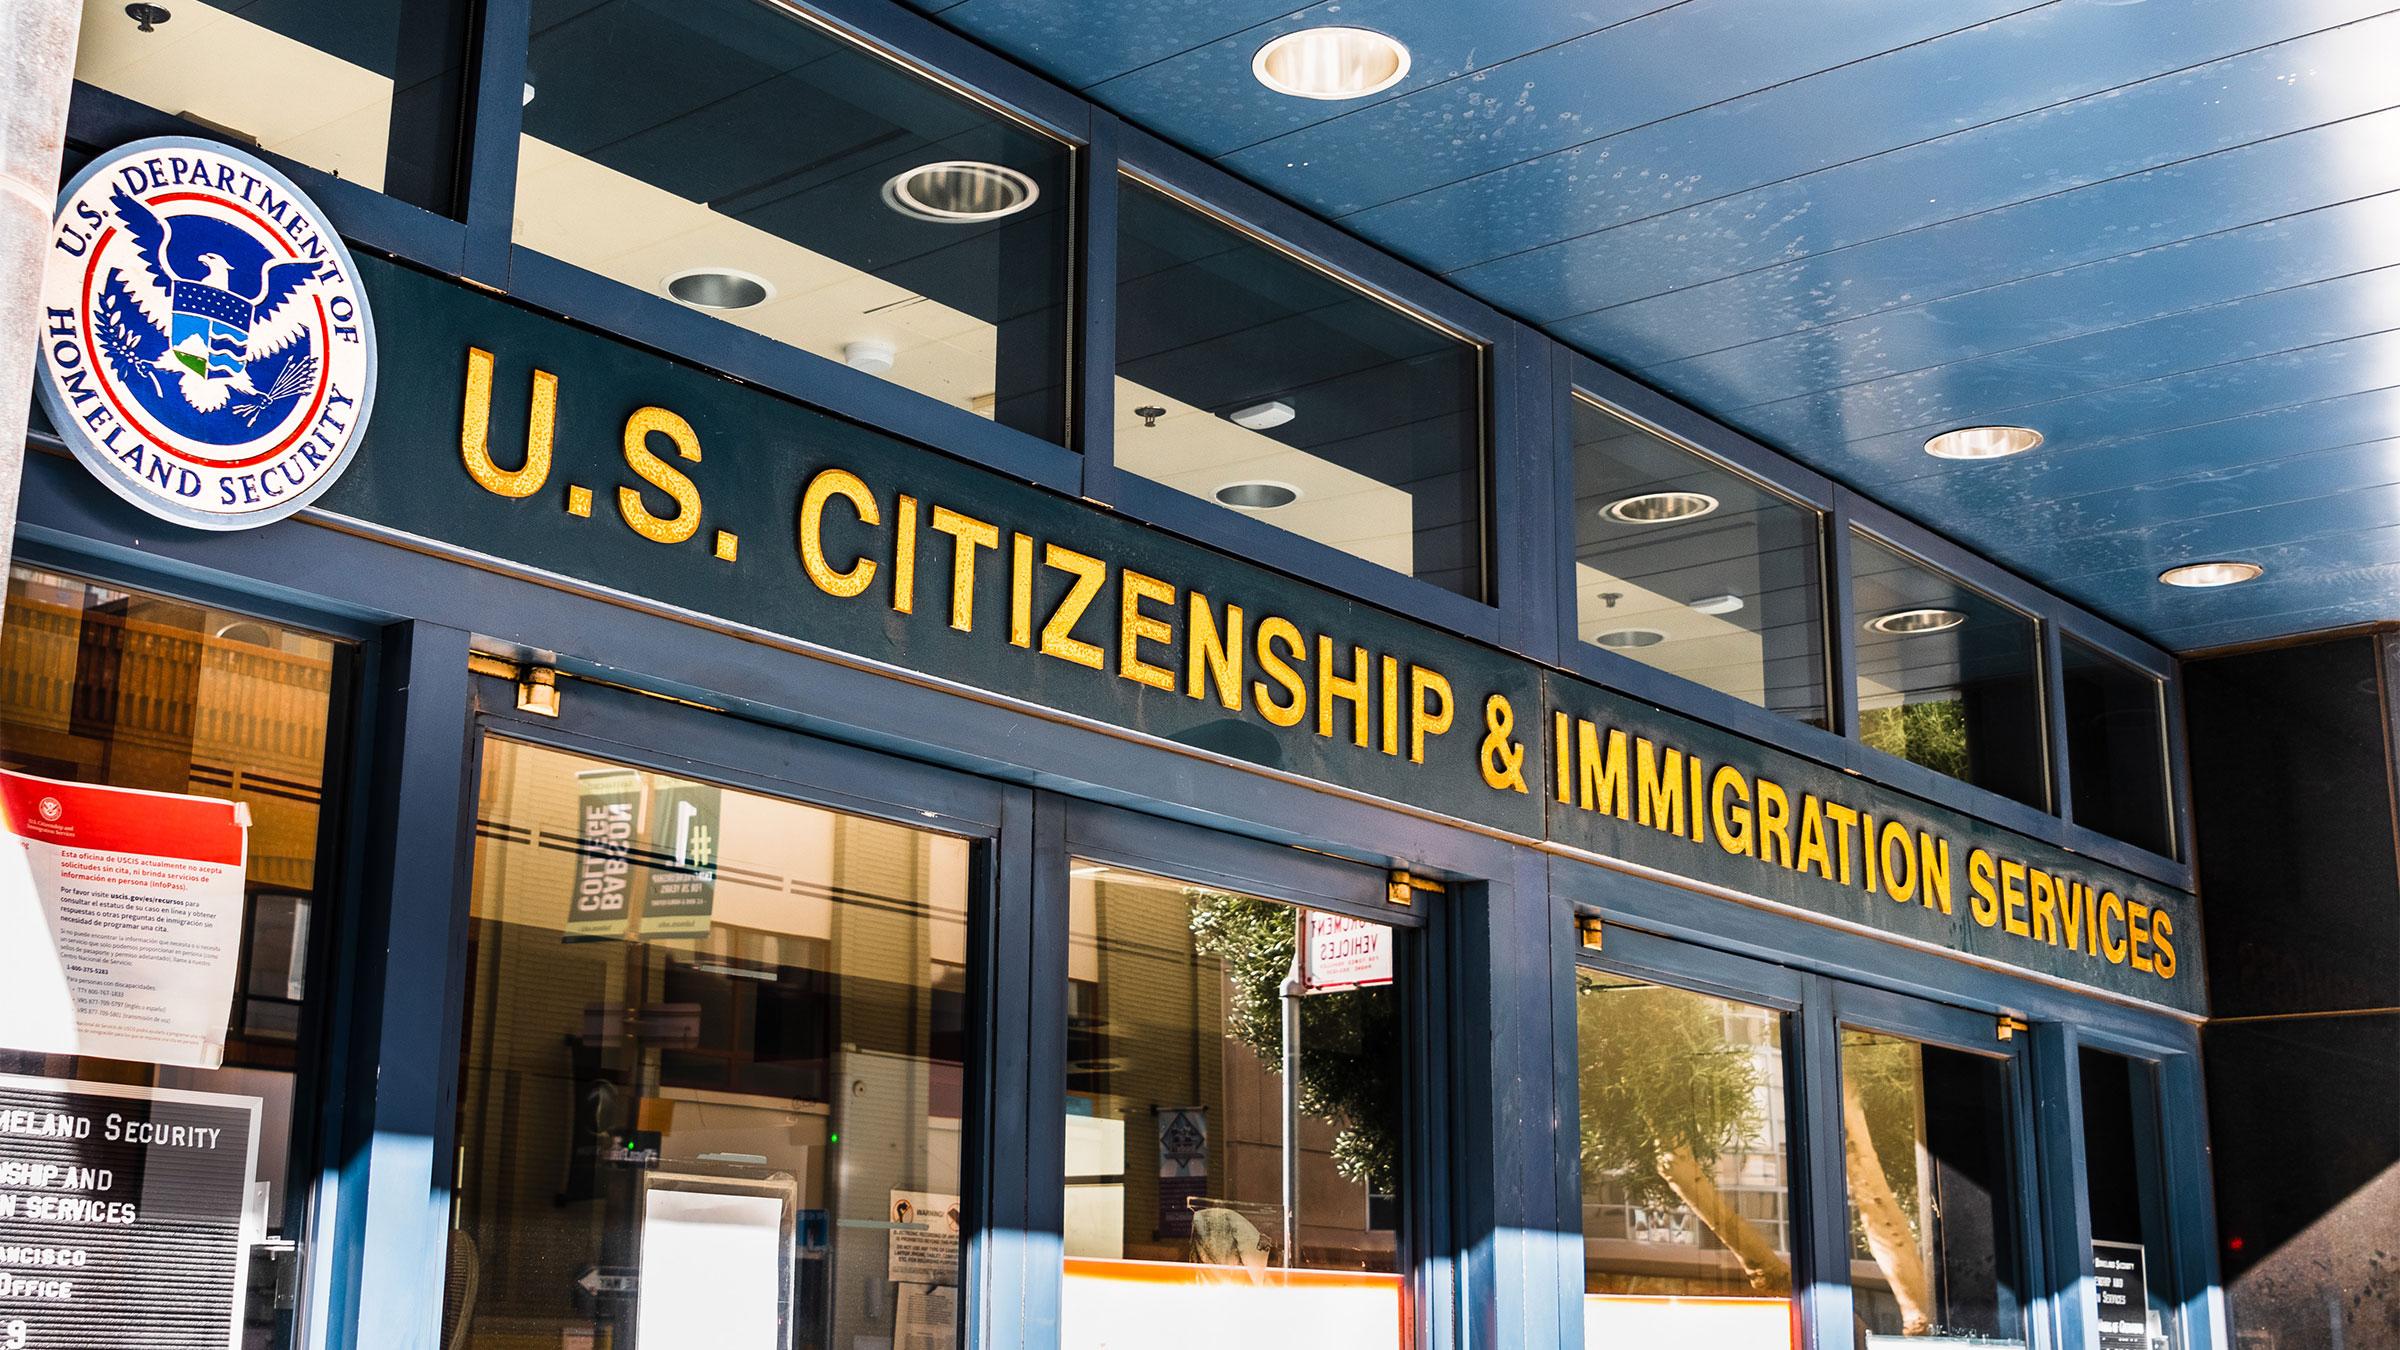 La decisión de suspender temporalmente la inmigración hacia Estados Unidos se ha tomado en medio de la pandemia de coronavirus que azota a todo el mundo. Foto: Tomada de internet.